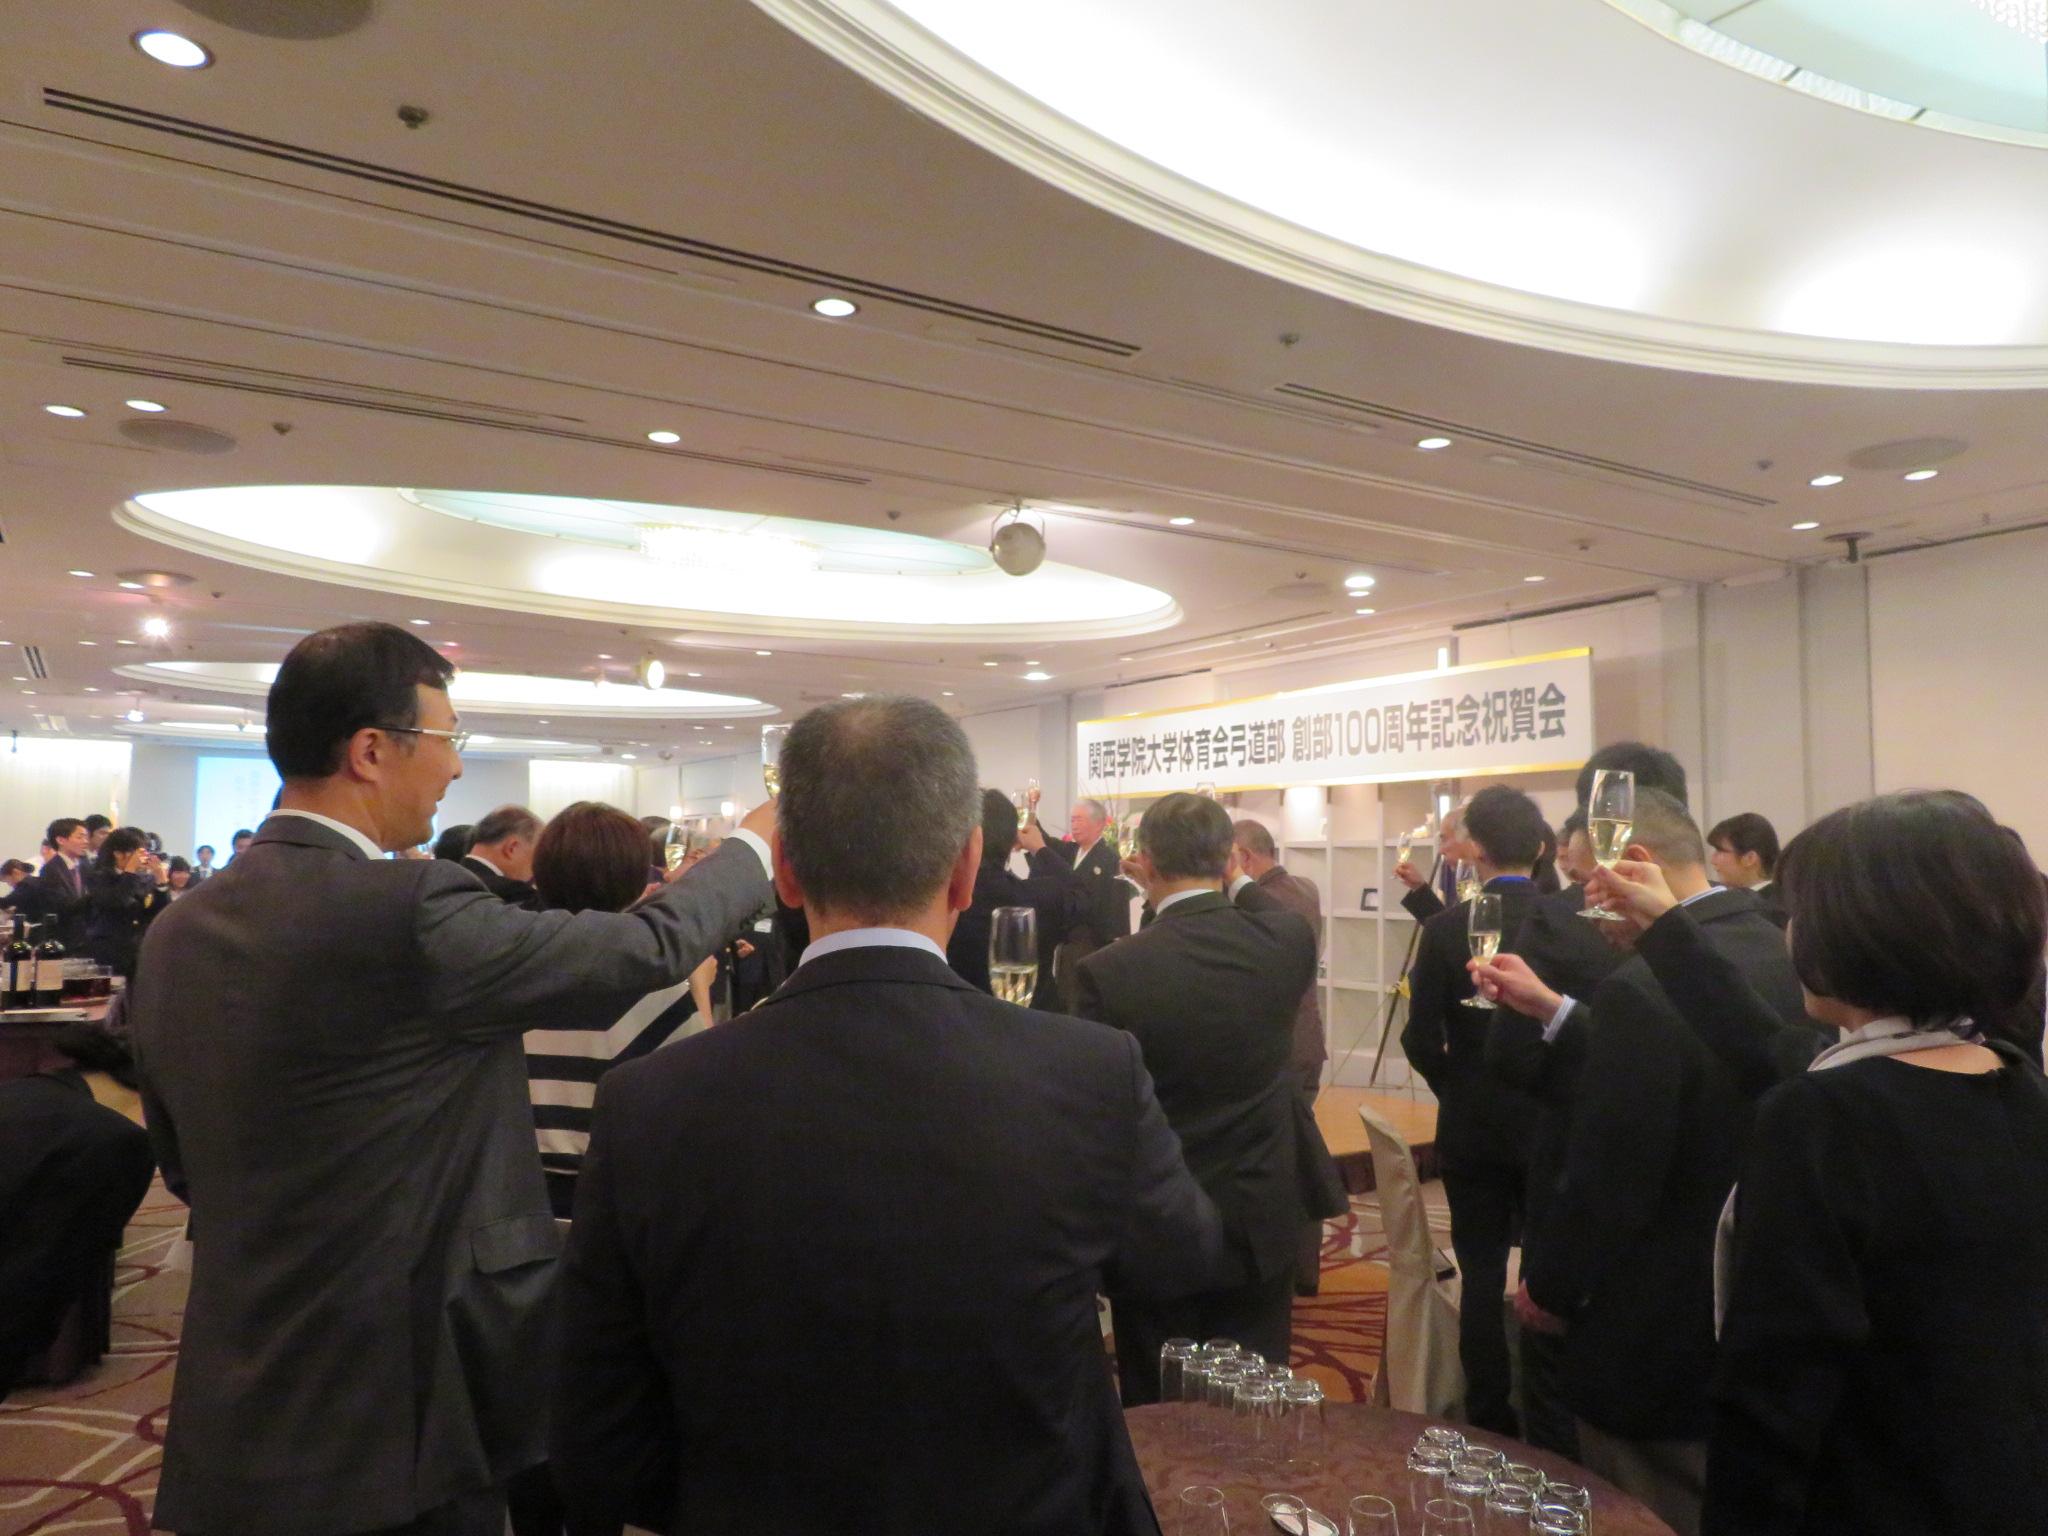 弓道部創部百周年記念祝賀会 2017年12月3日